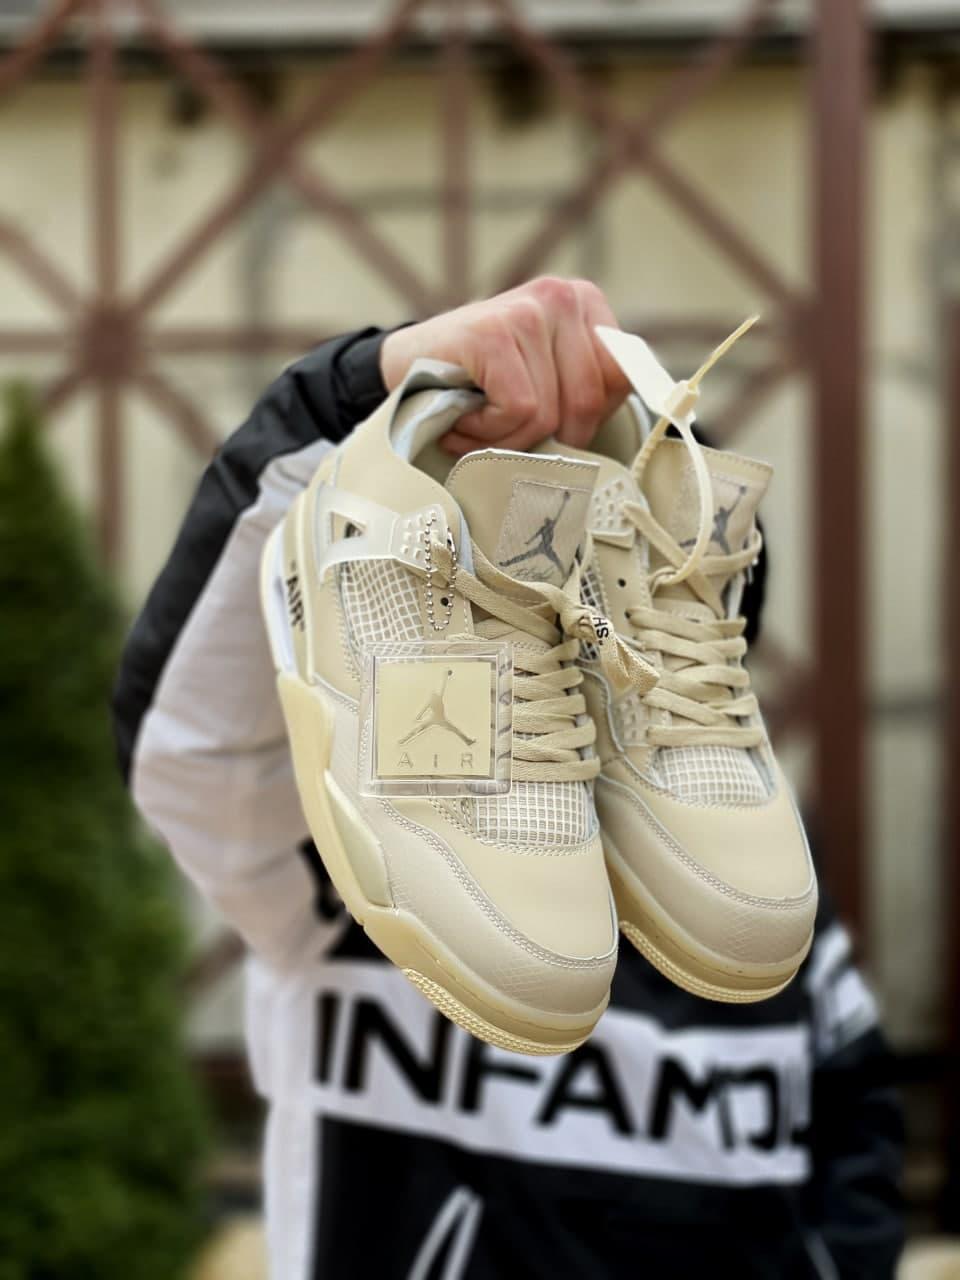 Жіночі шкіряні кросівки бежевого кольору OFF-WHITE X NIKE AIR JORDAN 4 SP 'SAIL'